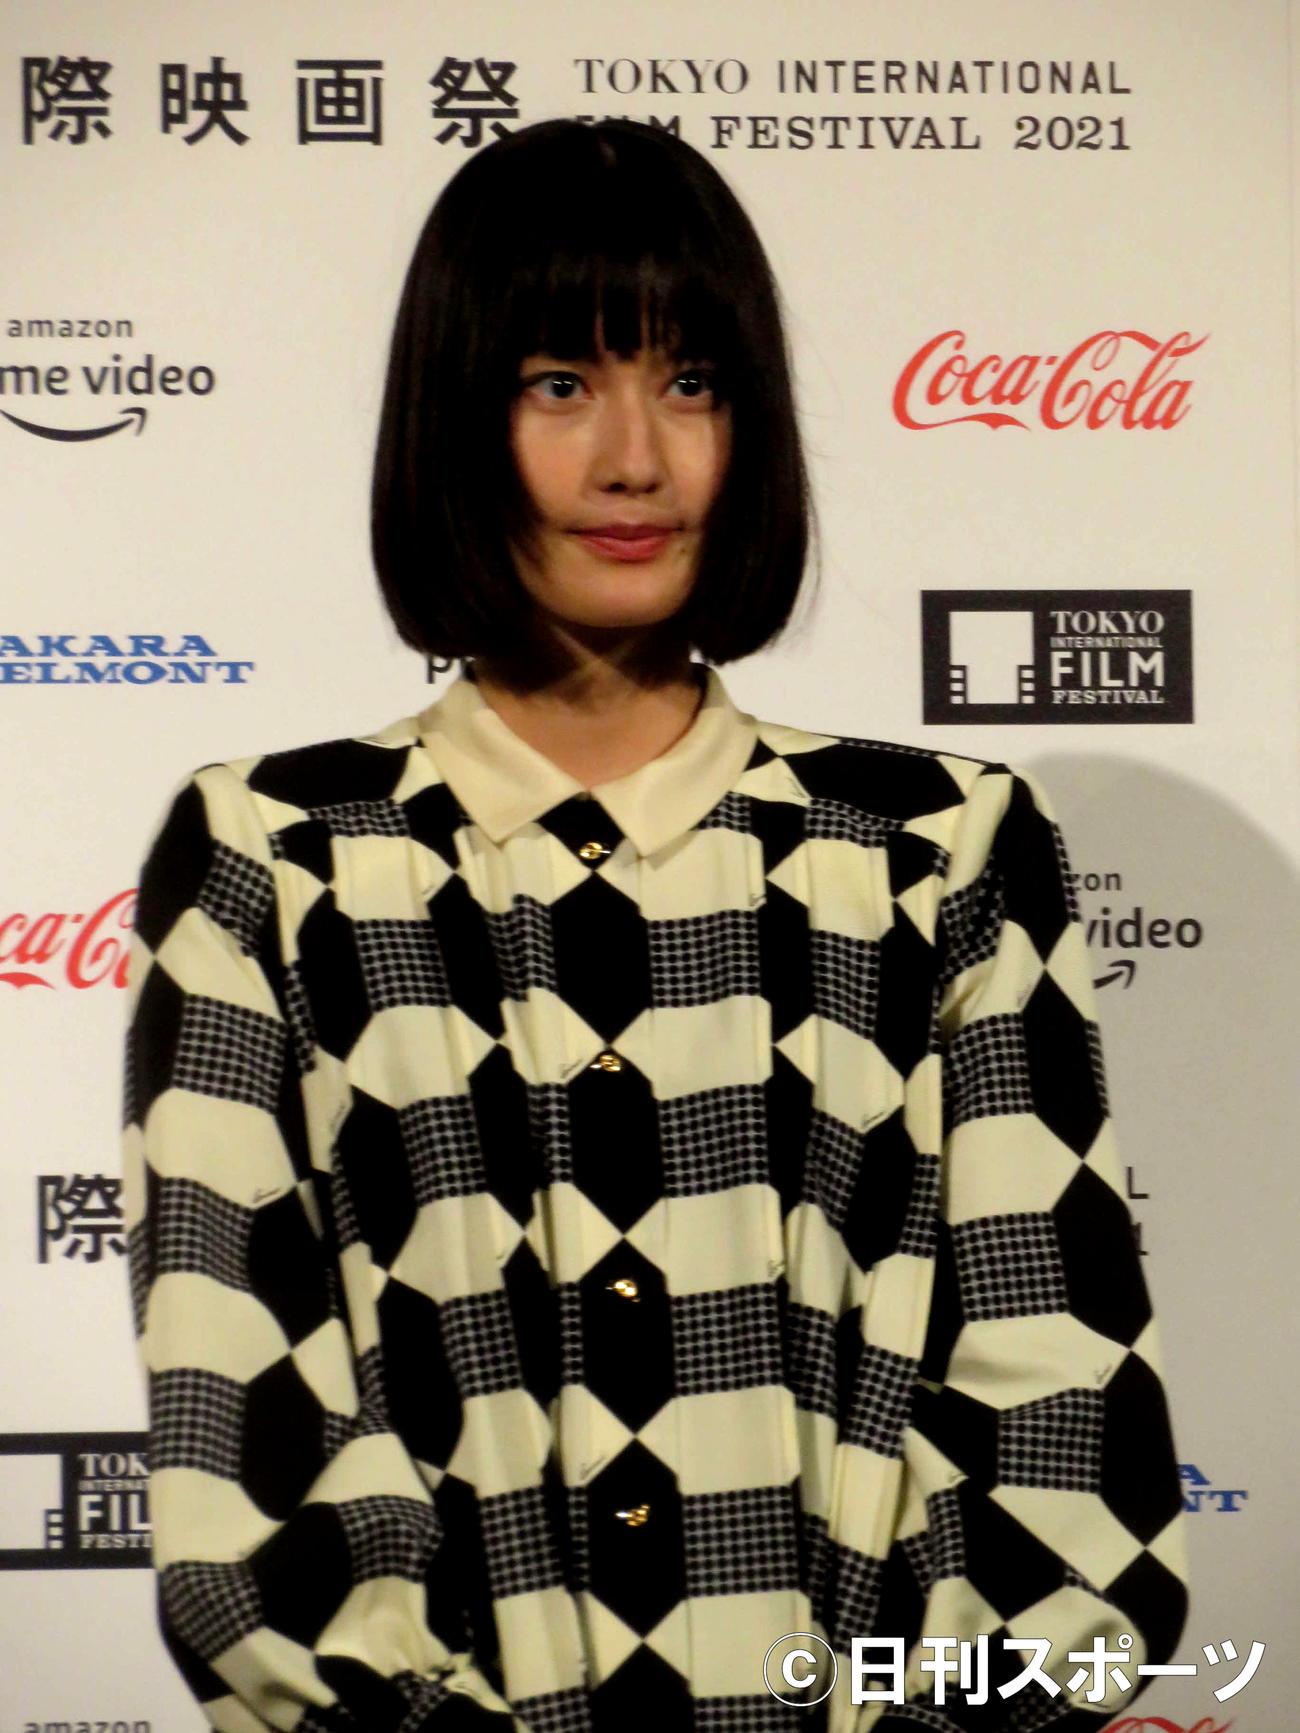 第34回東京国際映画祭フェスティバルアンバサダーに就任した橋本愛(撮影・村上幸将)